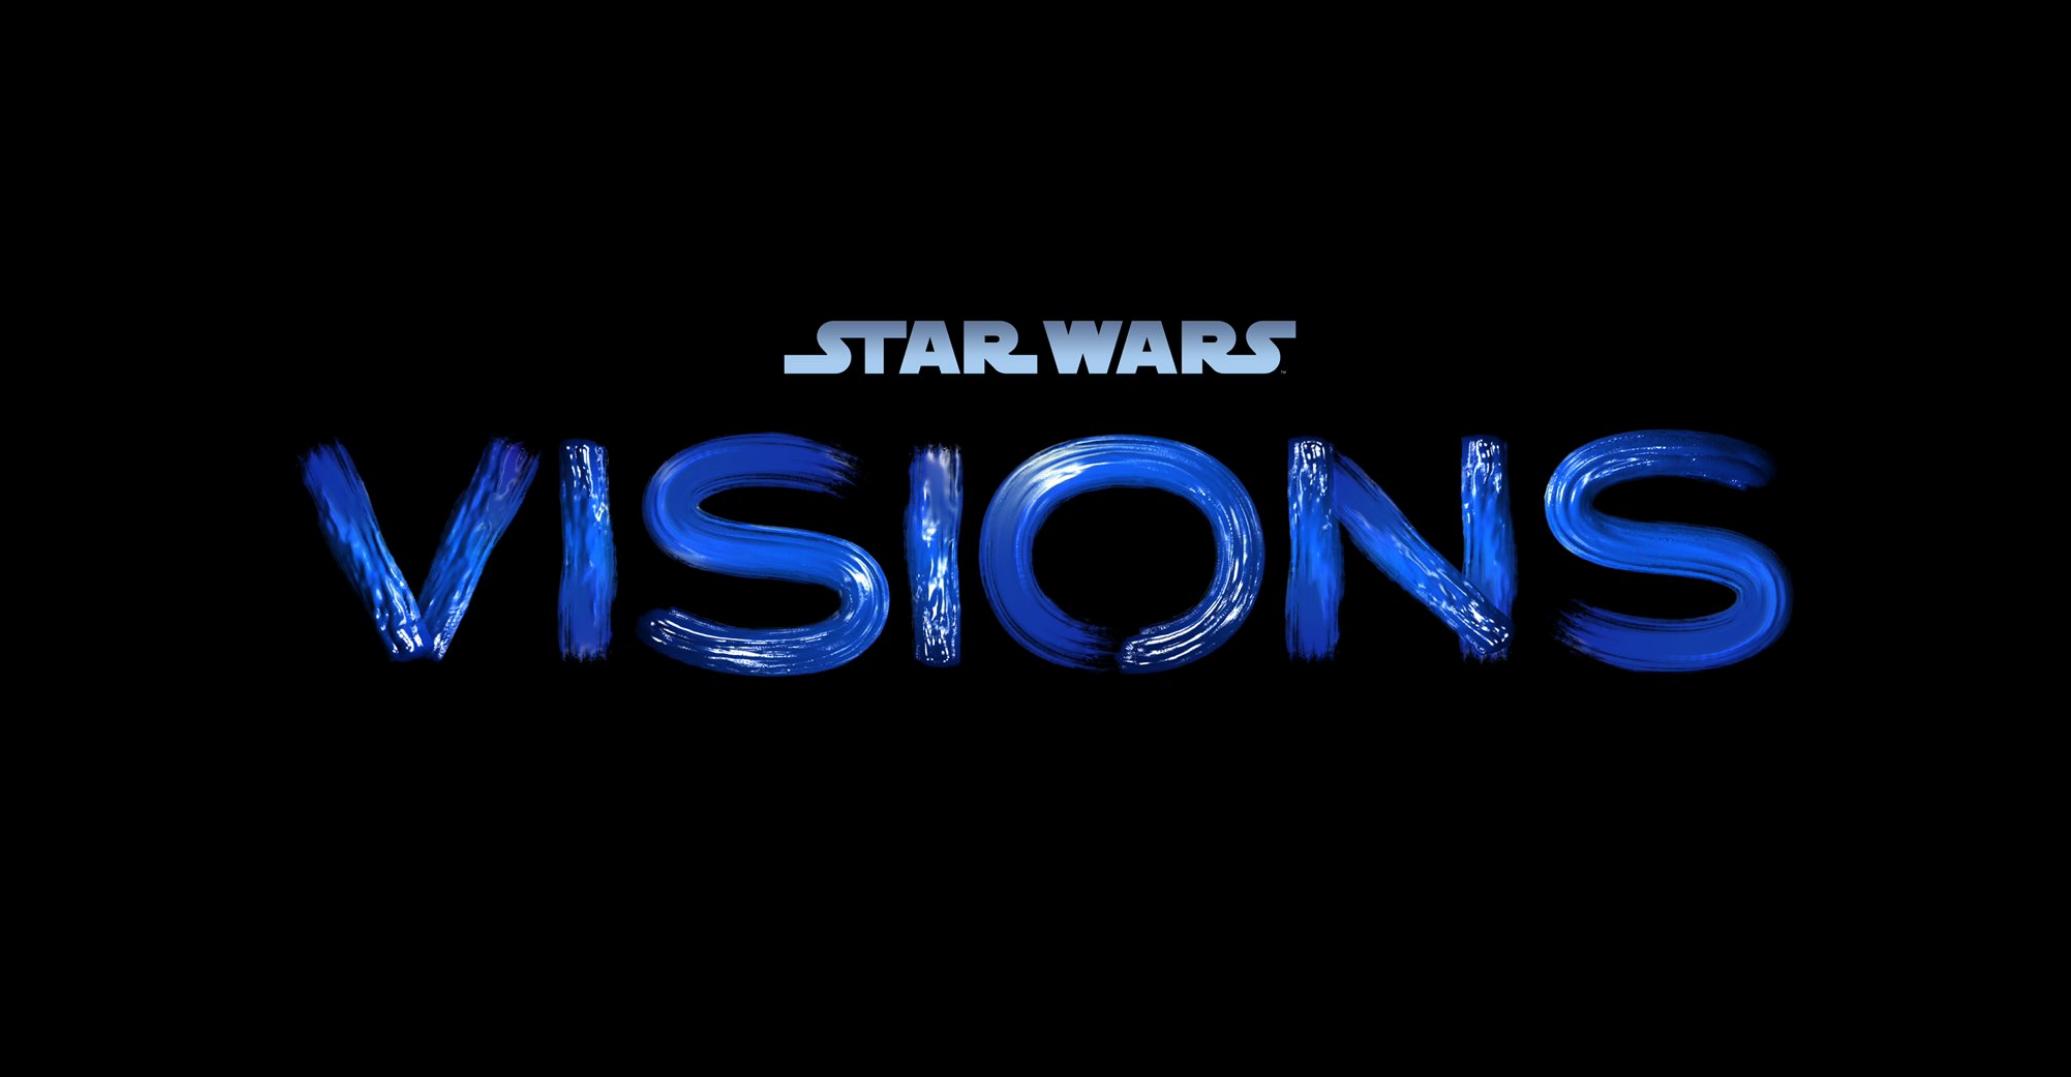 star-wars-visions.png